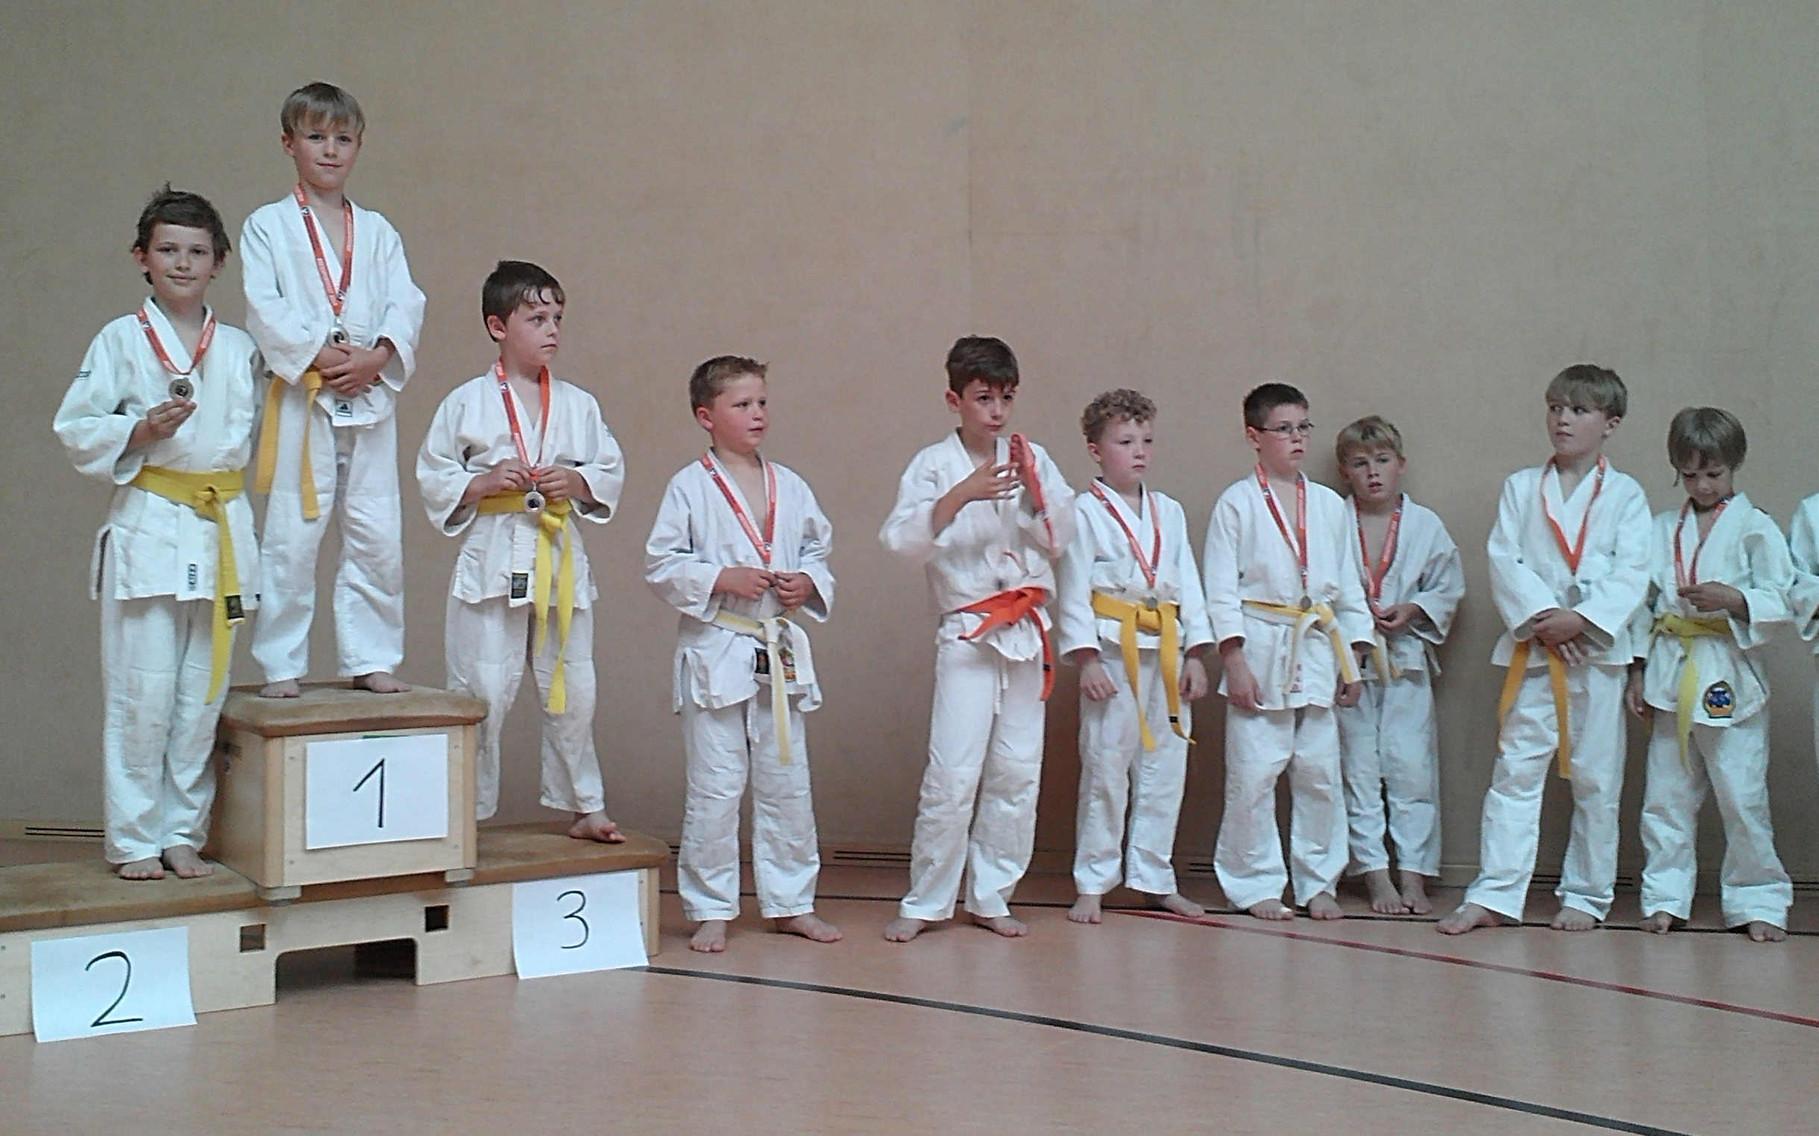 Die Jungen freuen sich über die Medaillen, u.a. Platz 3 für Andreas Hinkel-